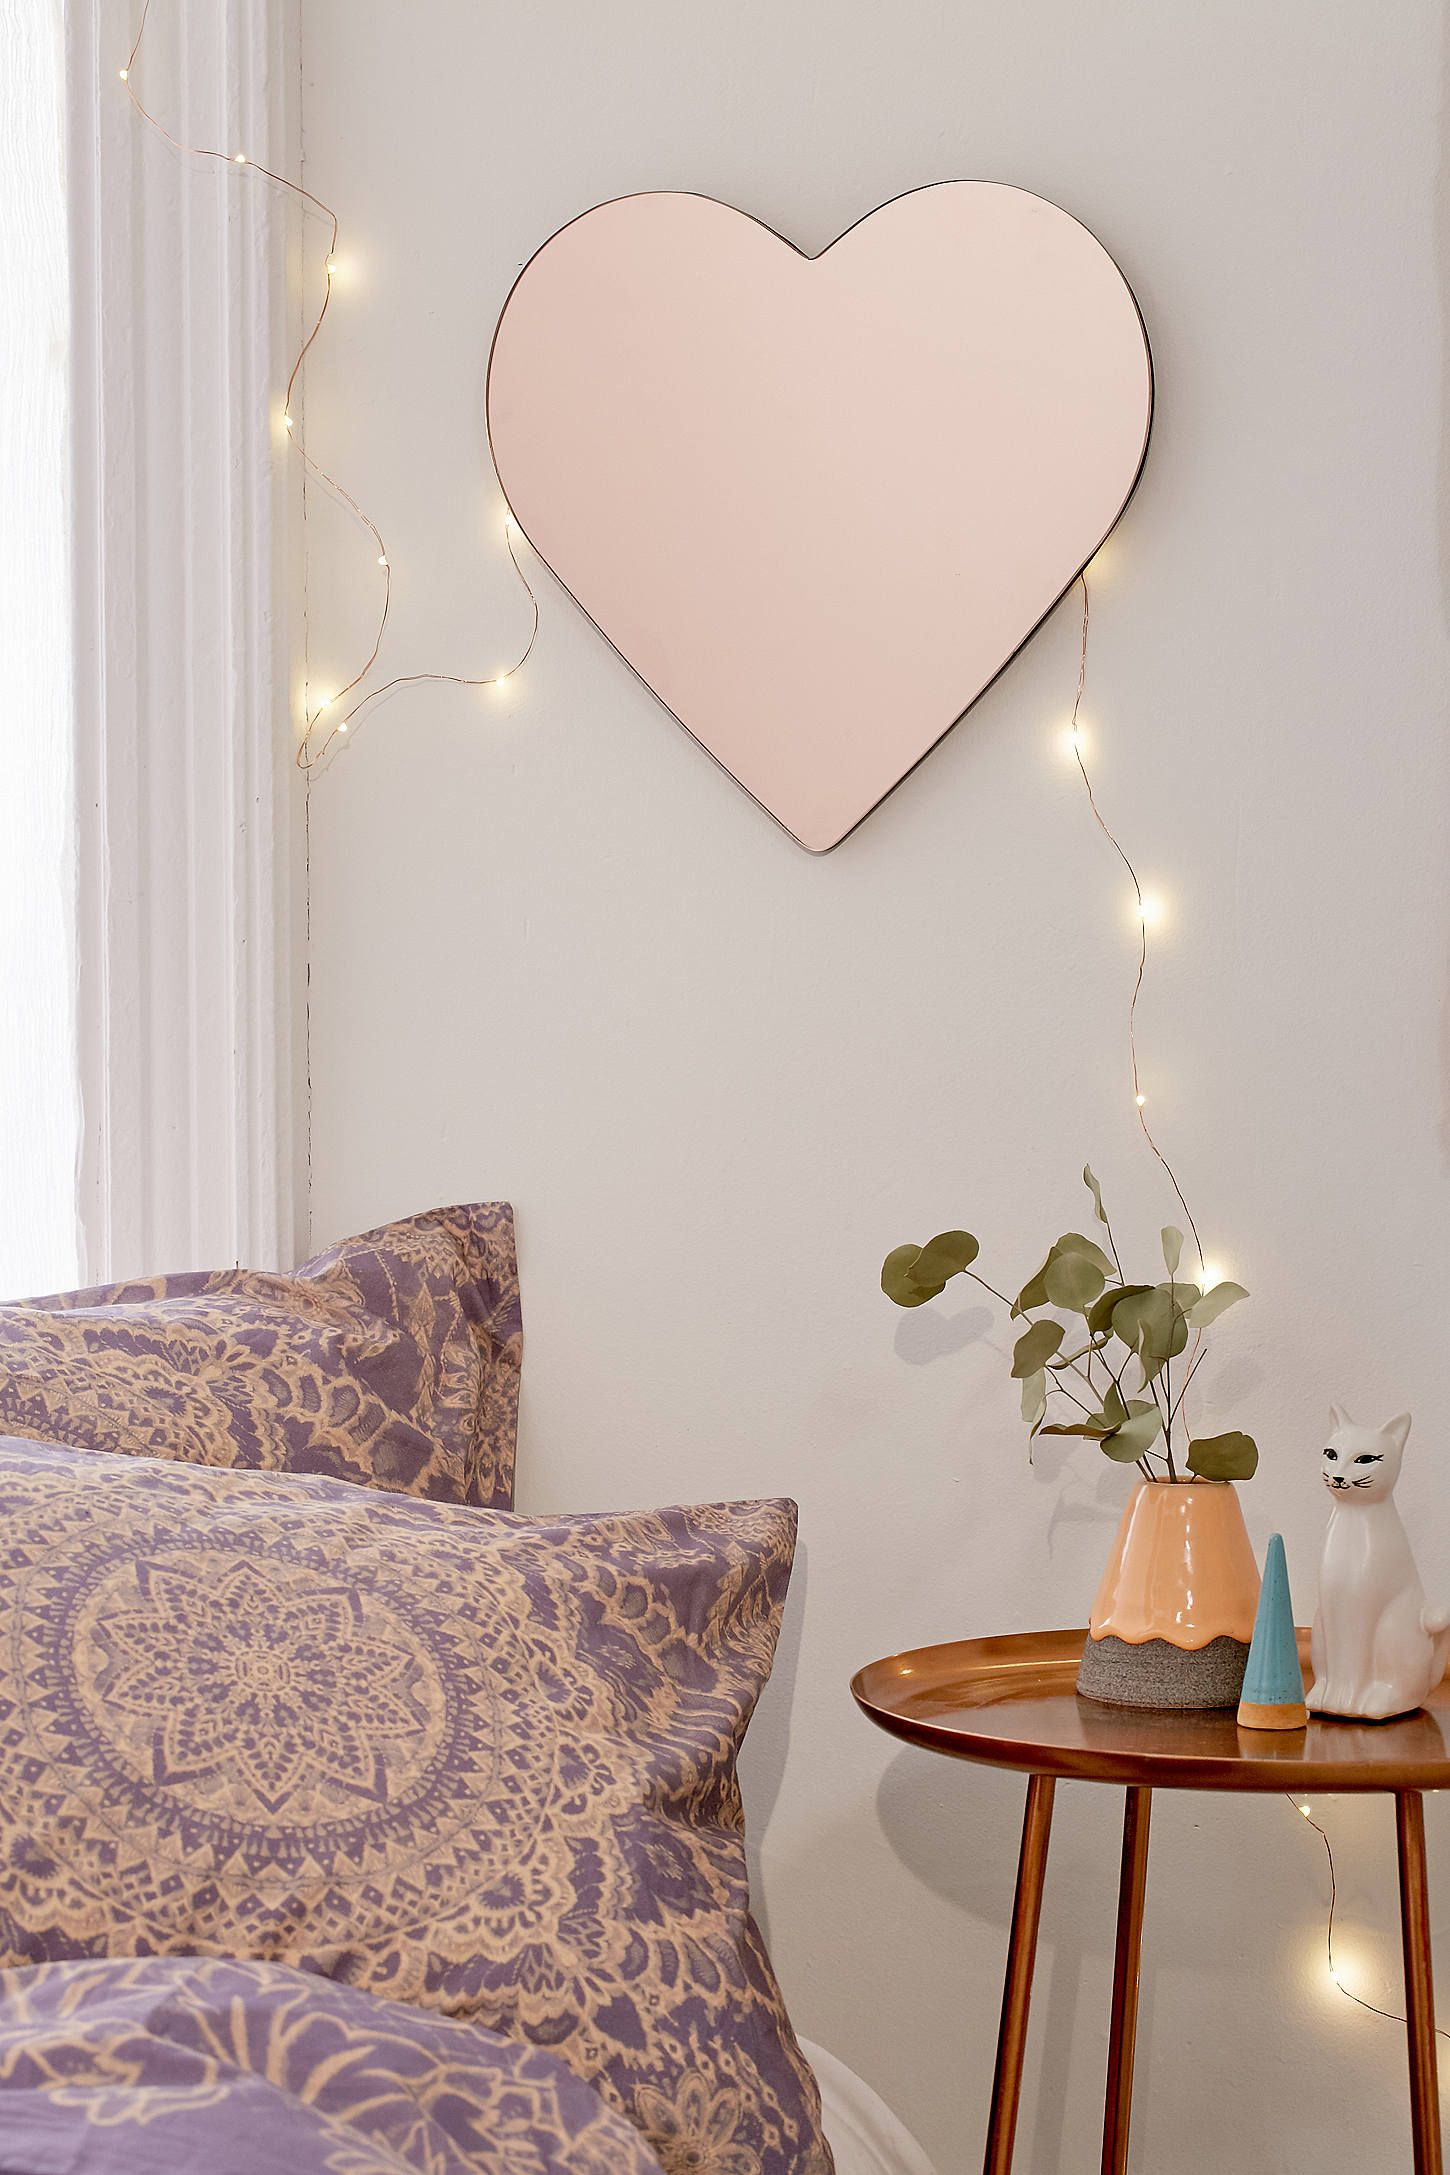 Heart Mirror Heart Mirror Bedrooms Room